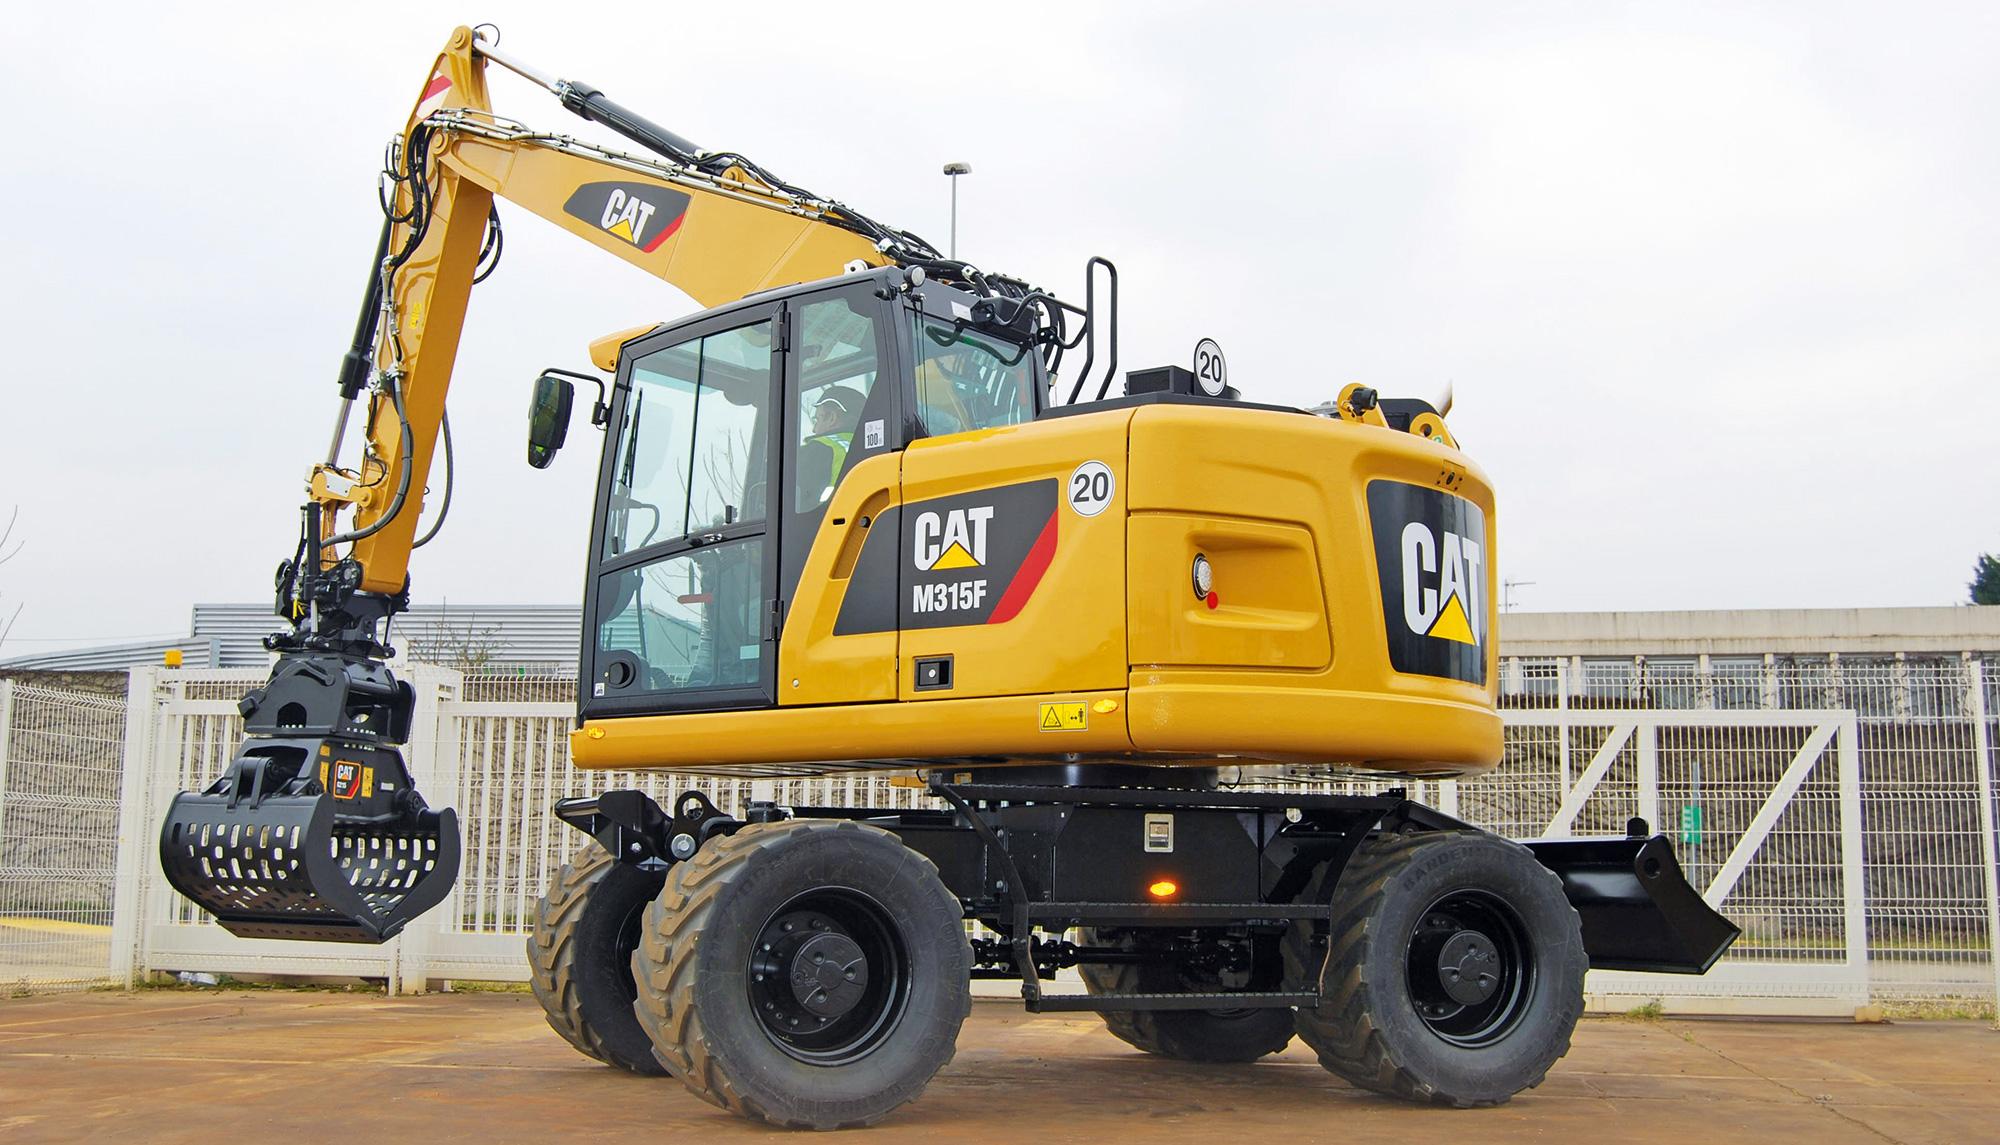 Wird auf der bauma Premiere feiern: ein neuer Cat Kurzheck-Mobilbagger M315F, den Caterpillar auf der Messe erstmals ausstellt.